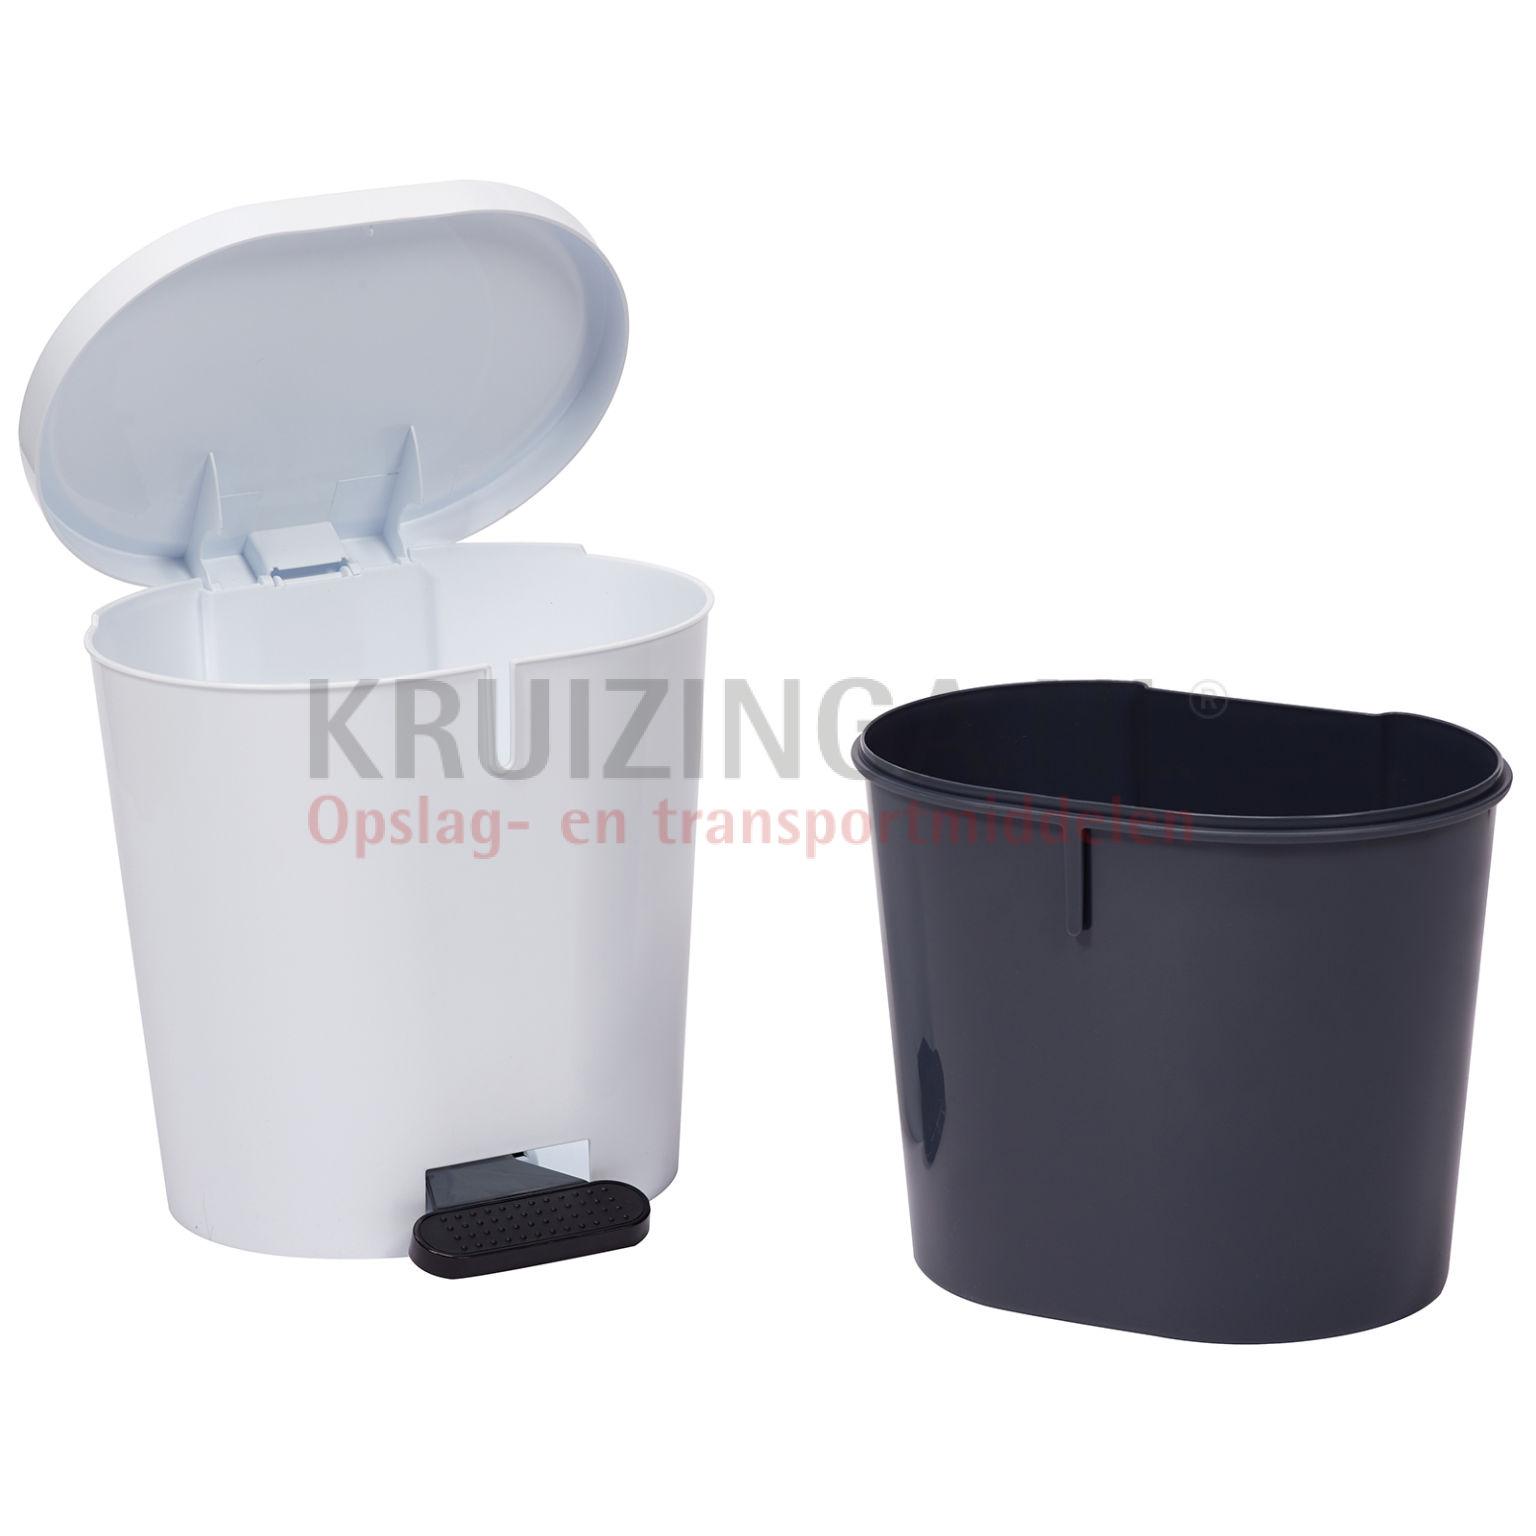 abfallbeh lter abfall und reinigung kunststoff m lltonne mit deckel auf st nder ab 13 25 frei. Black Bedroom Furniture Sets. Home Design Ideas